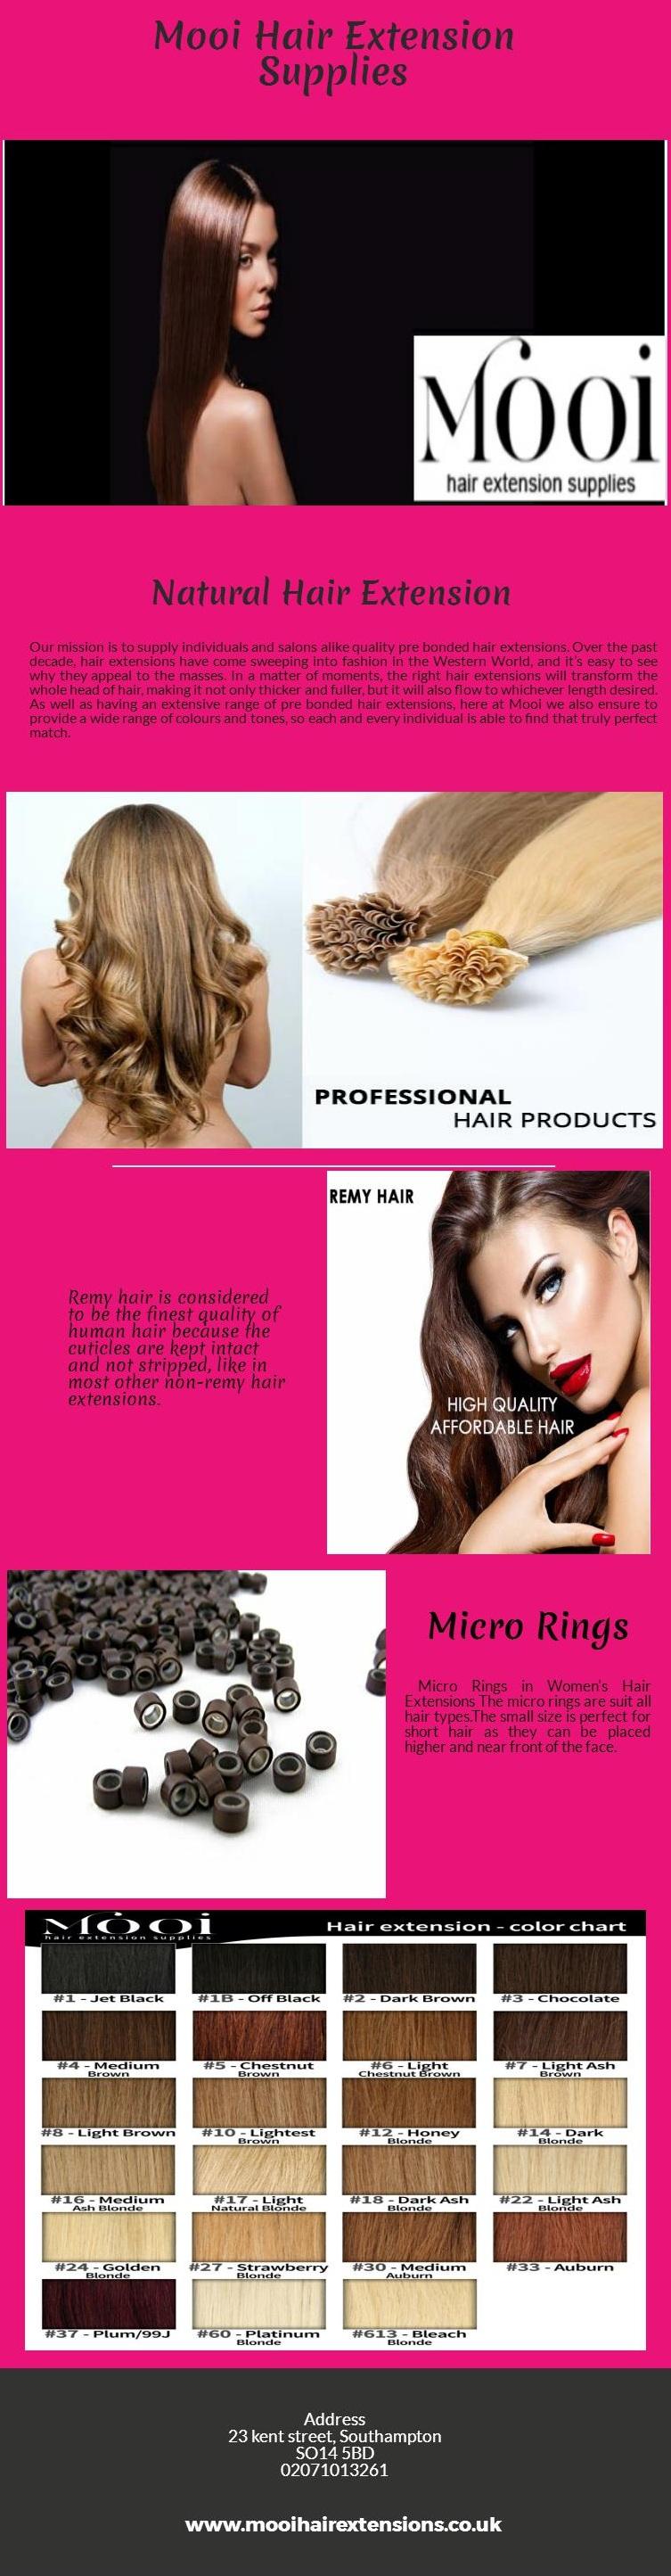 Pre Bonded Human Hair Extensions Mooi Hair Extension Supplies